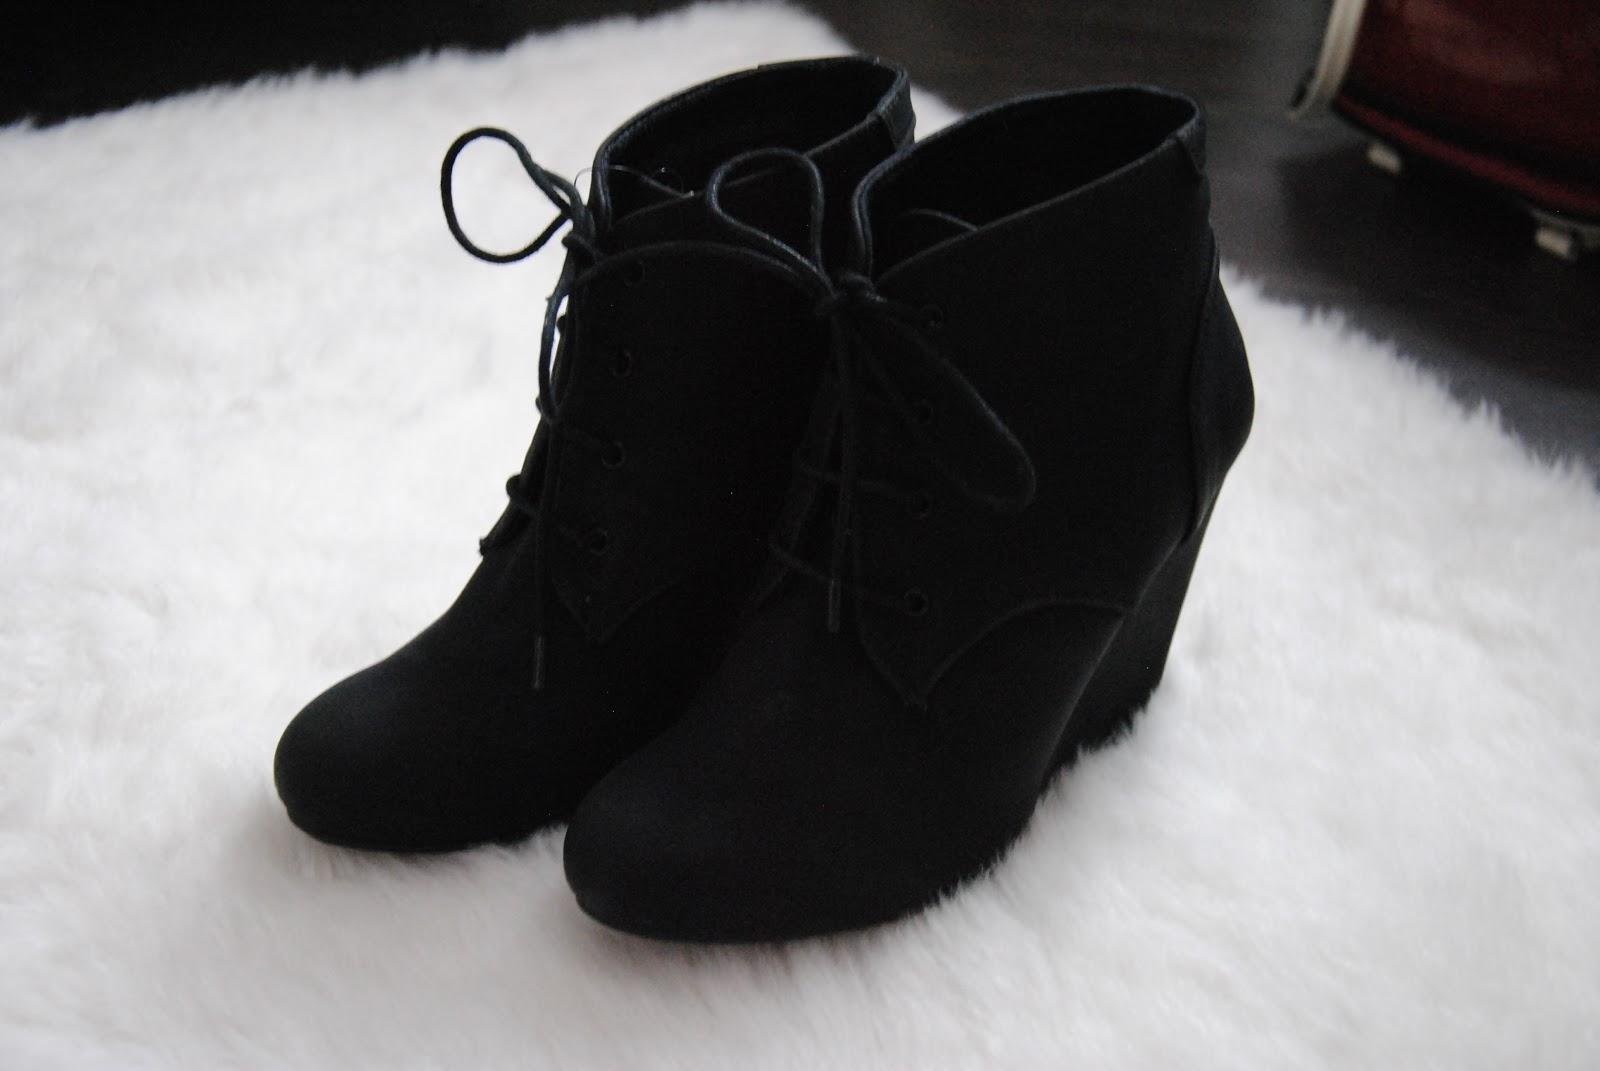 Schuhe Mit Keilabsatz Schwarz Schuhe Mit Keilabsatz Mit